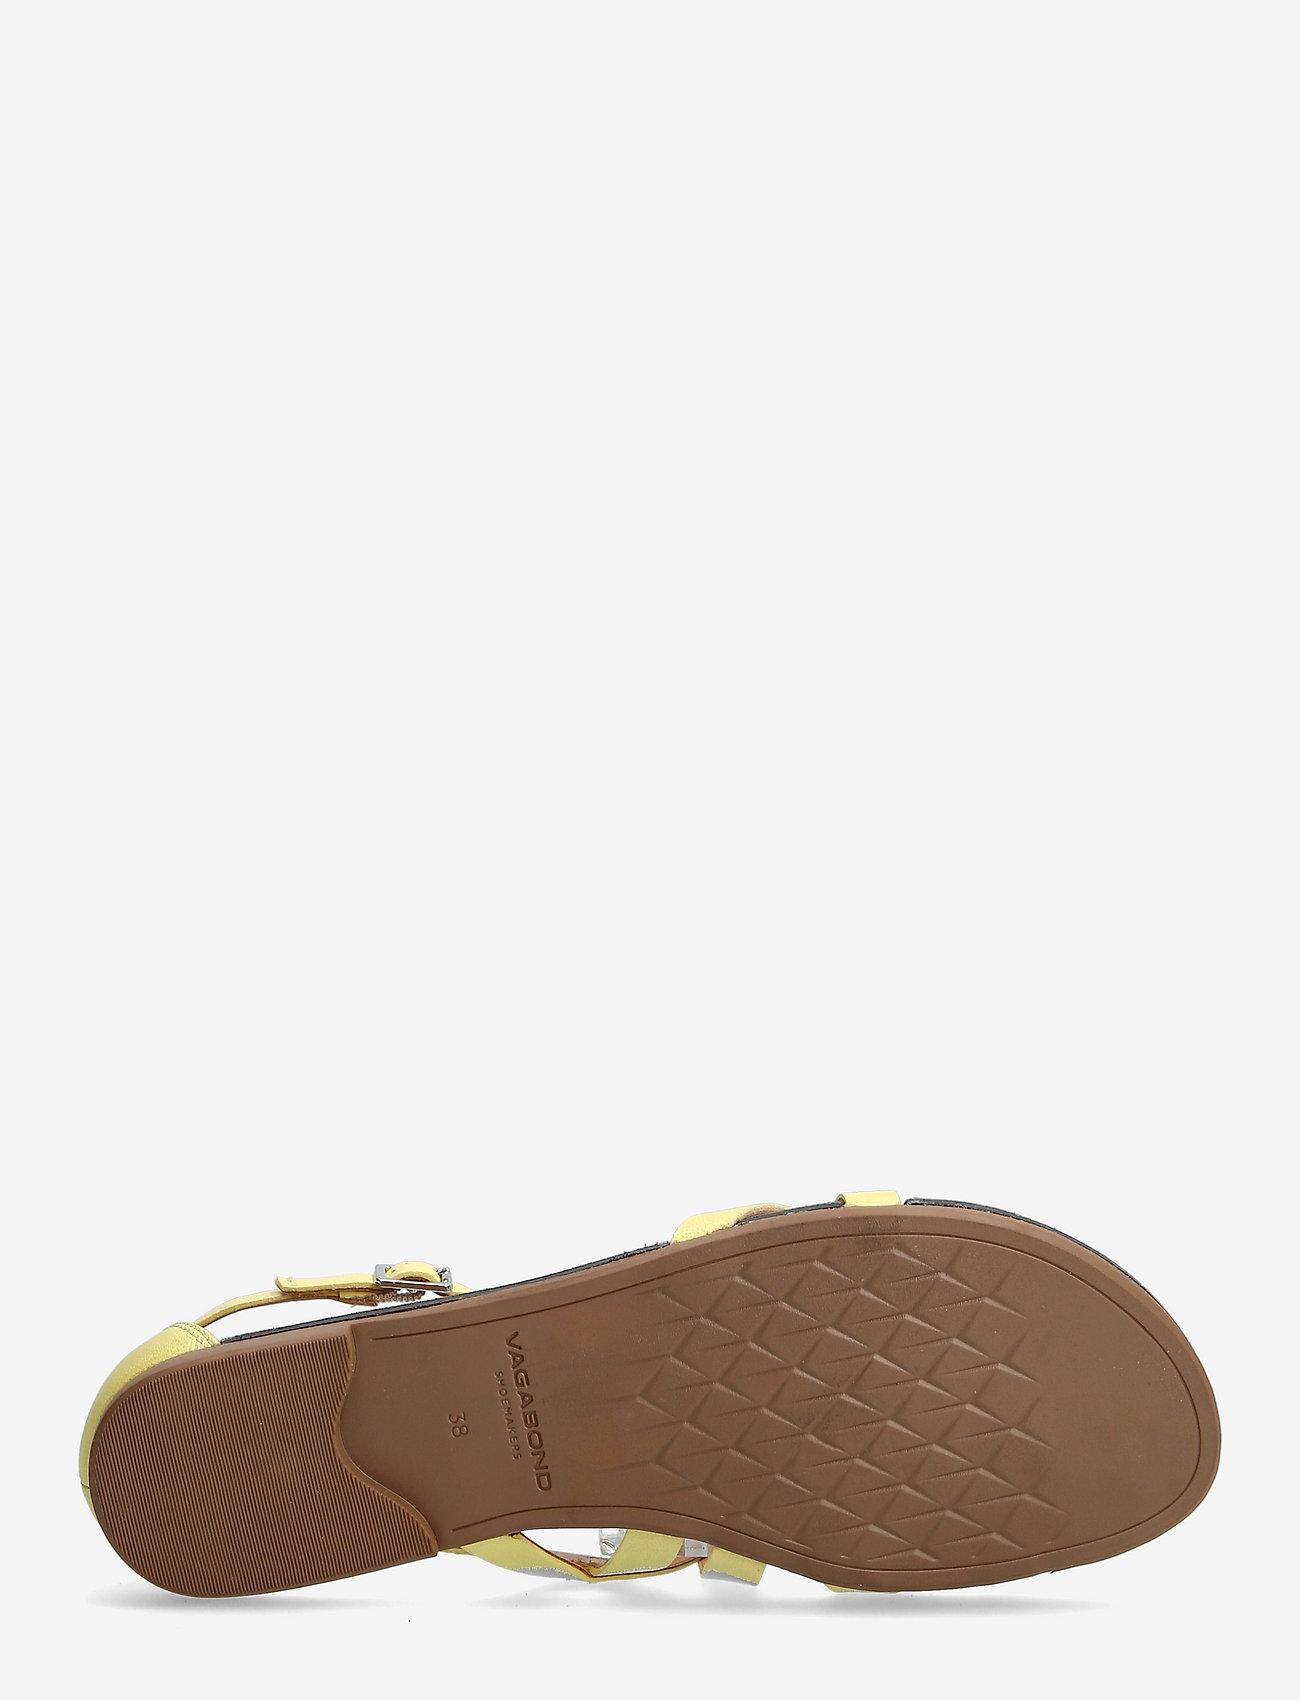 VAGABOND - TIA - płaskie sandały - citrus - 4